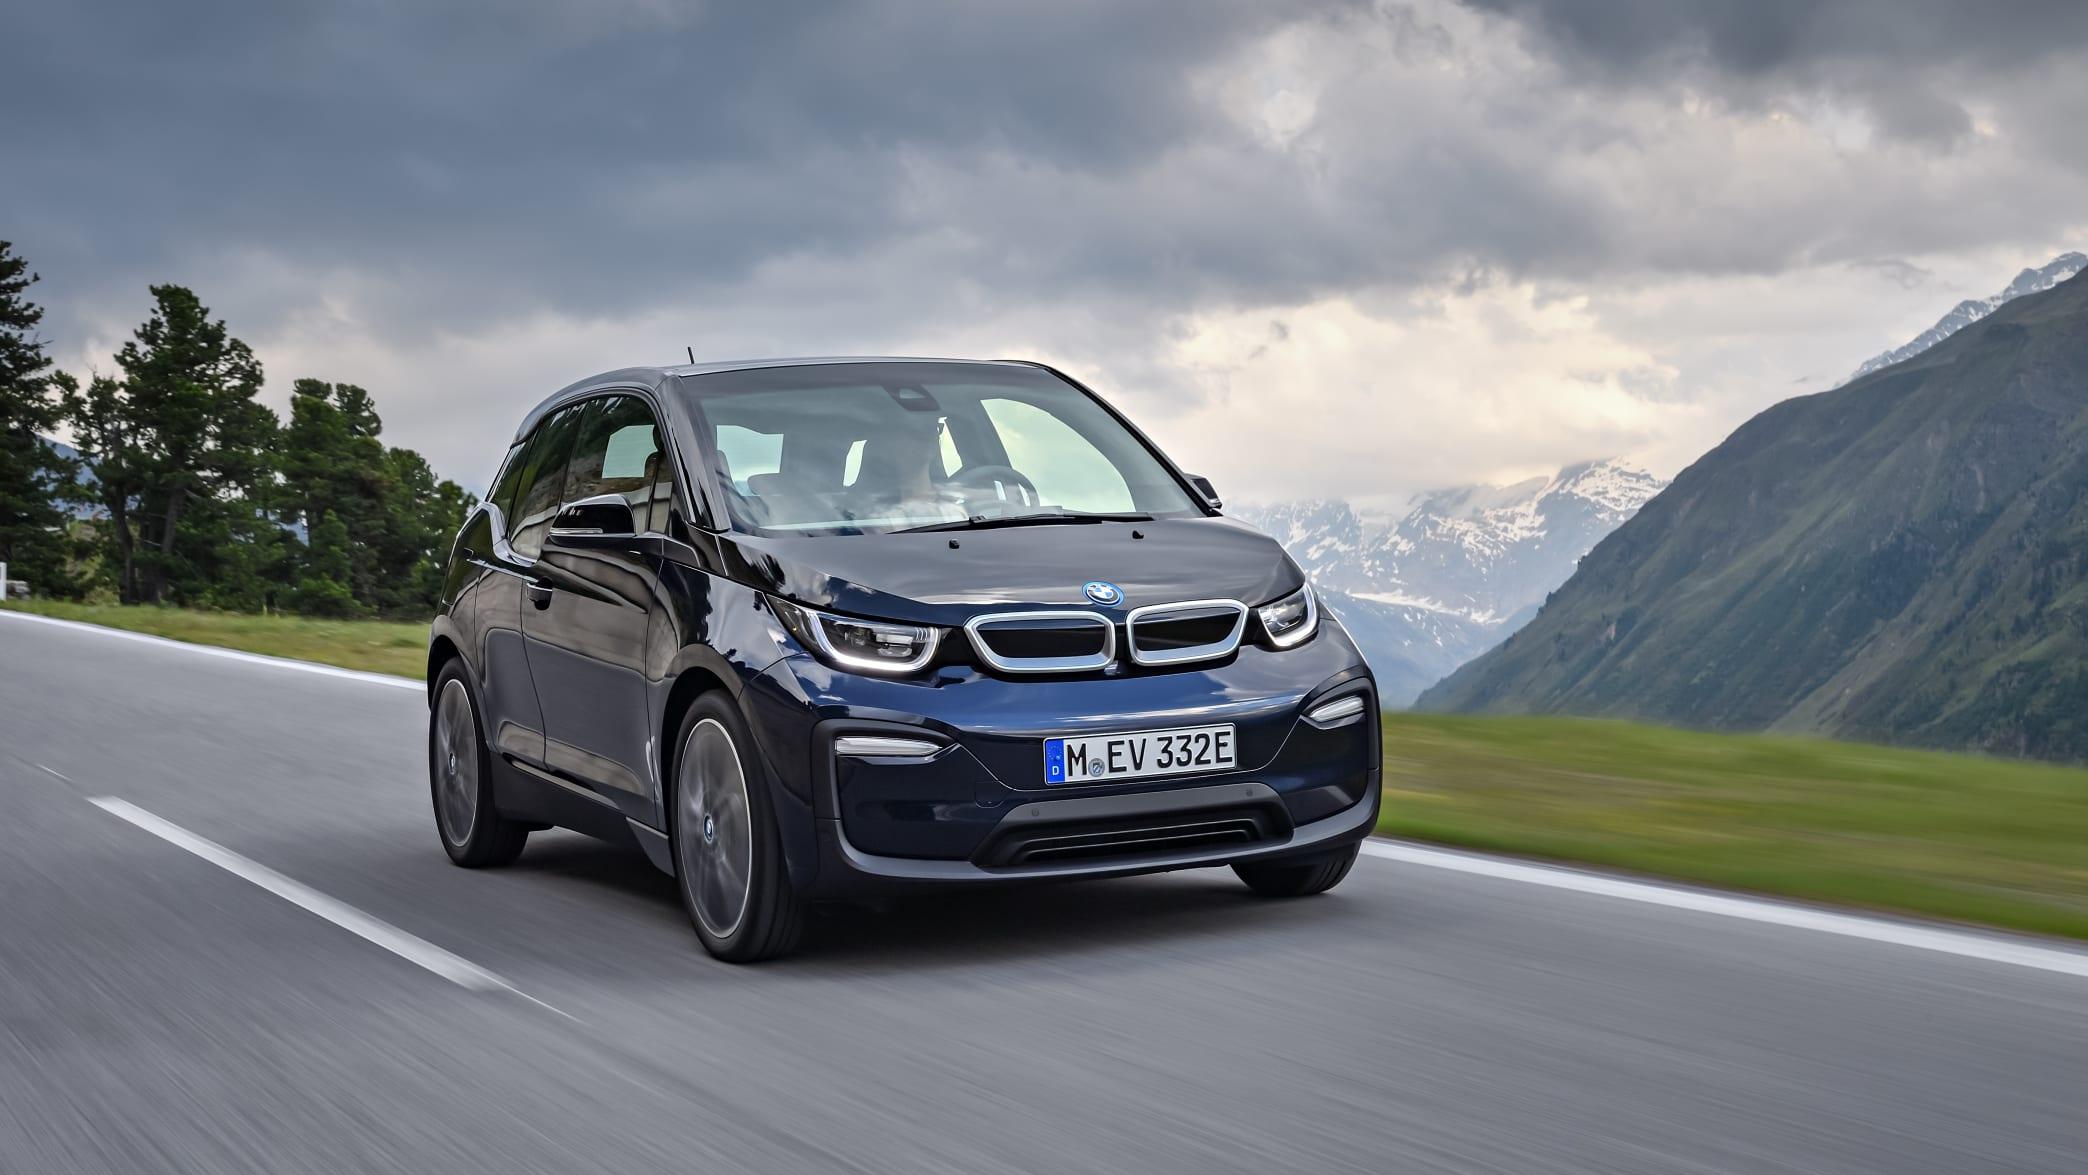 BMW i3 fahrend auf der Straße